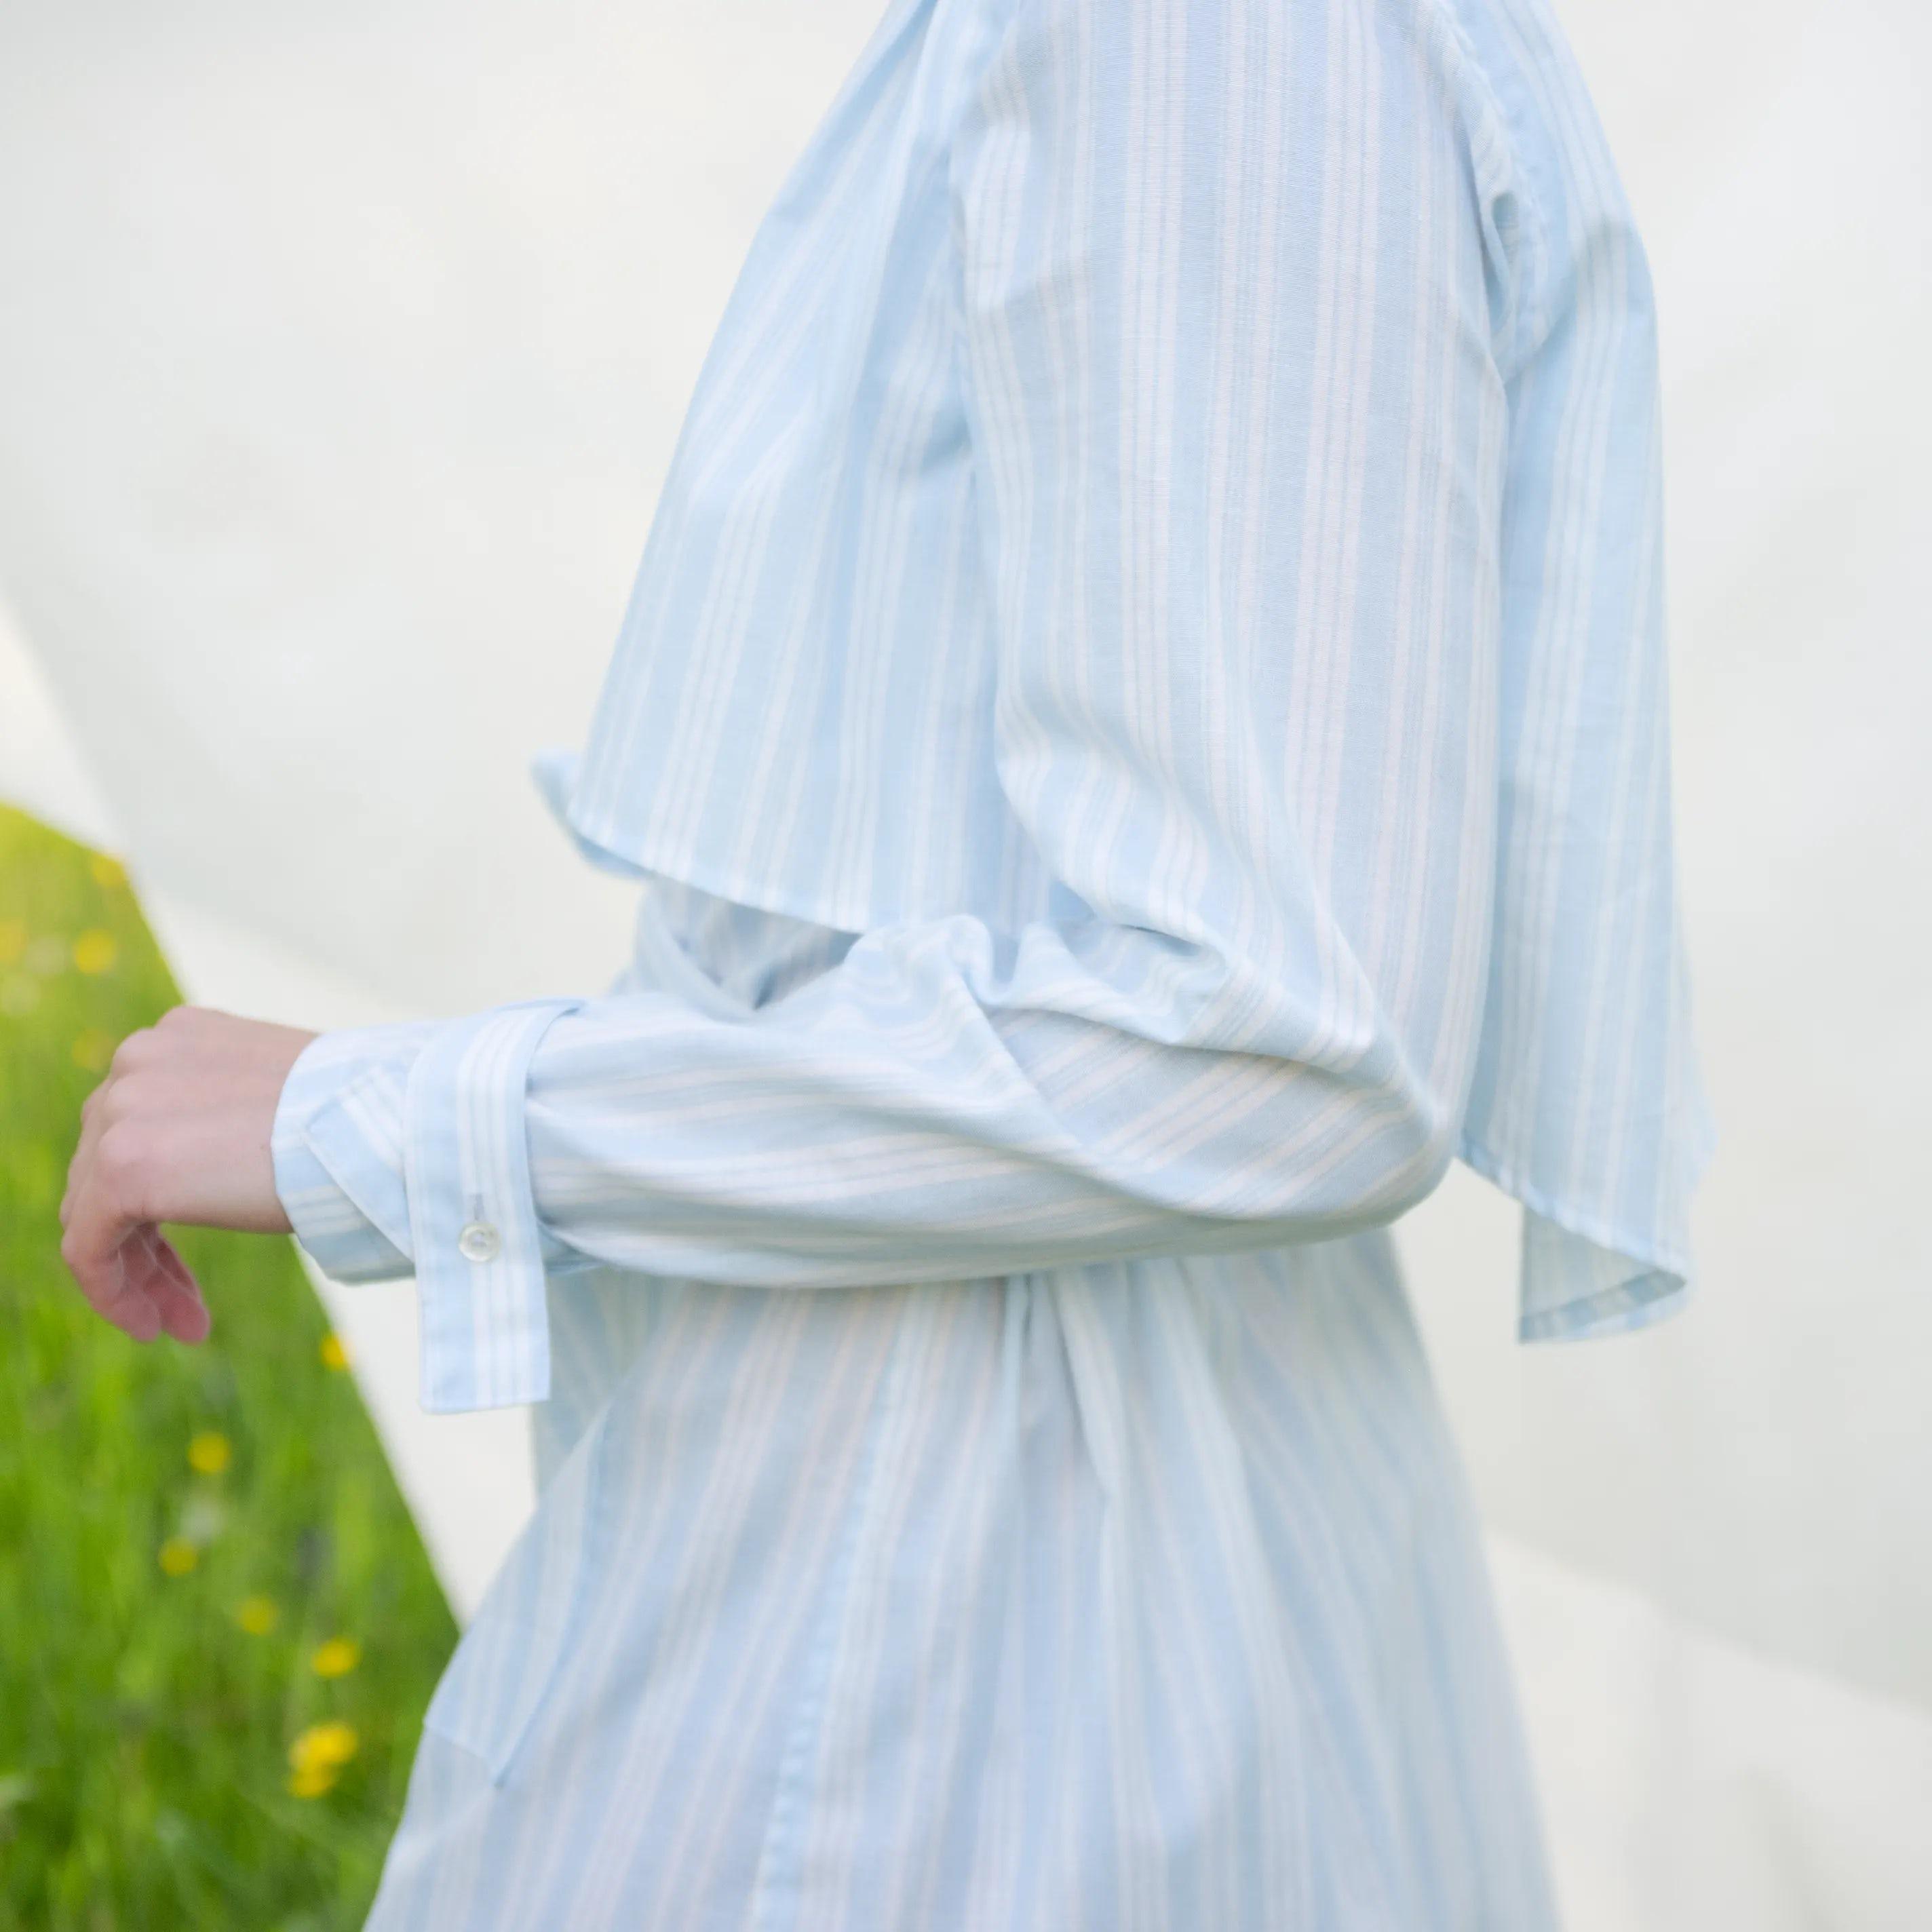 Baumwolle - Batist - Streifen himmelblau